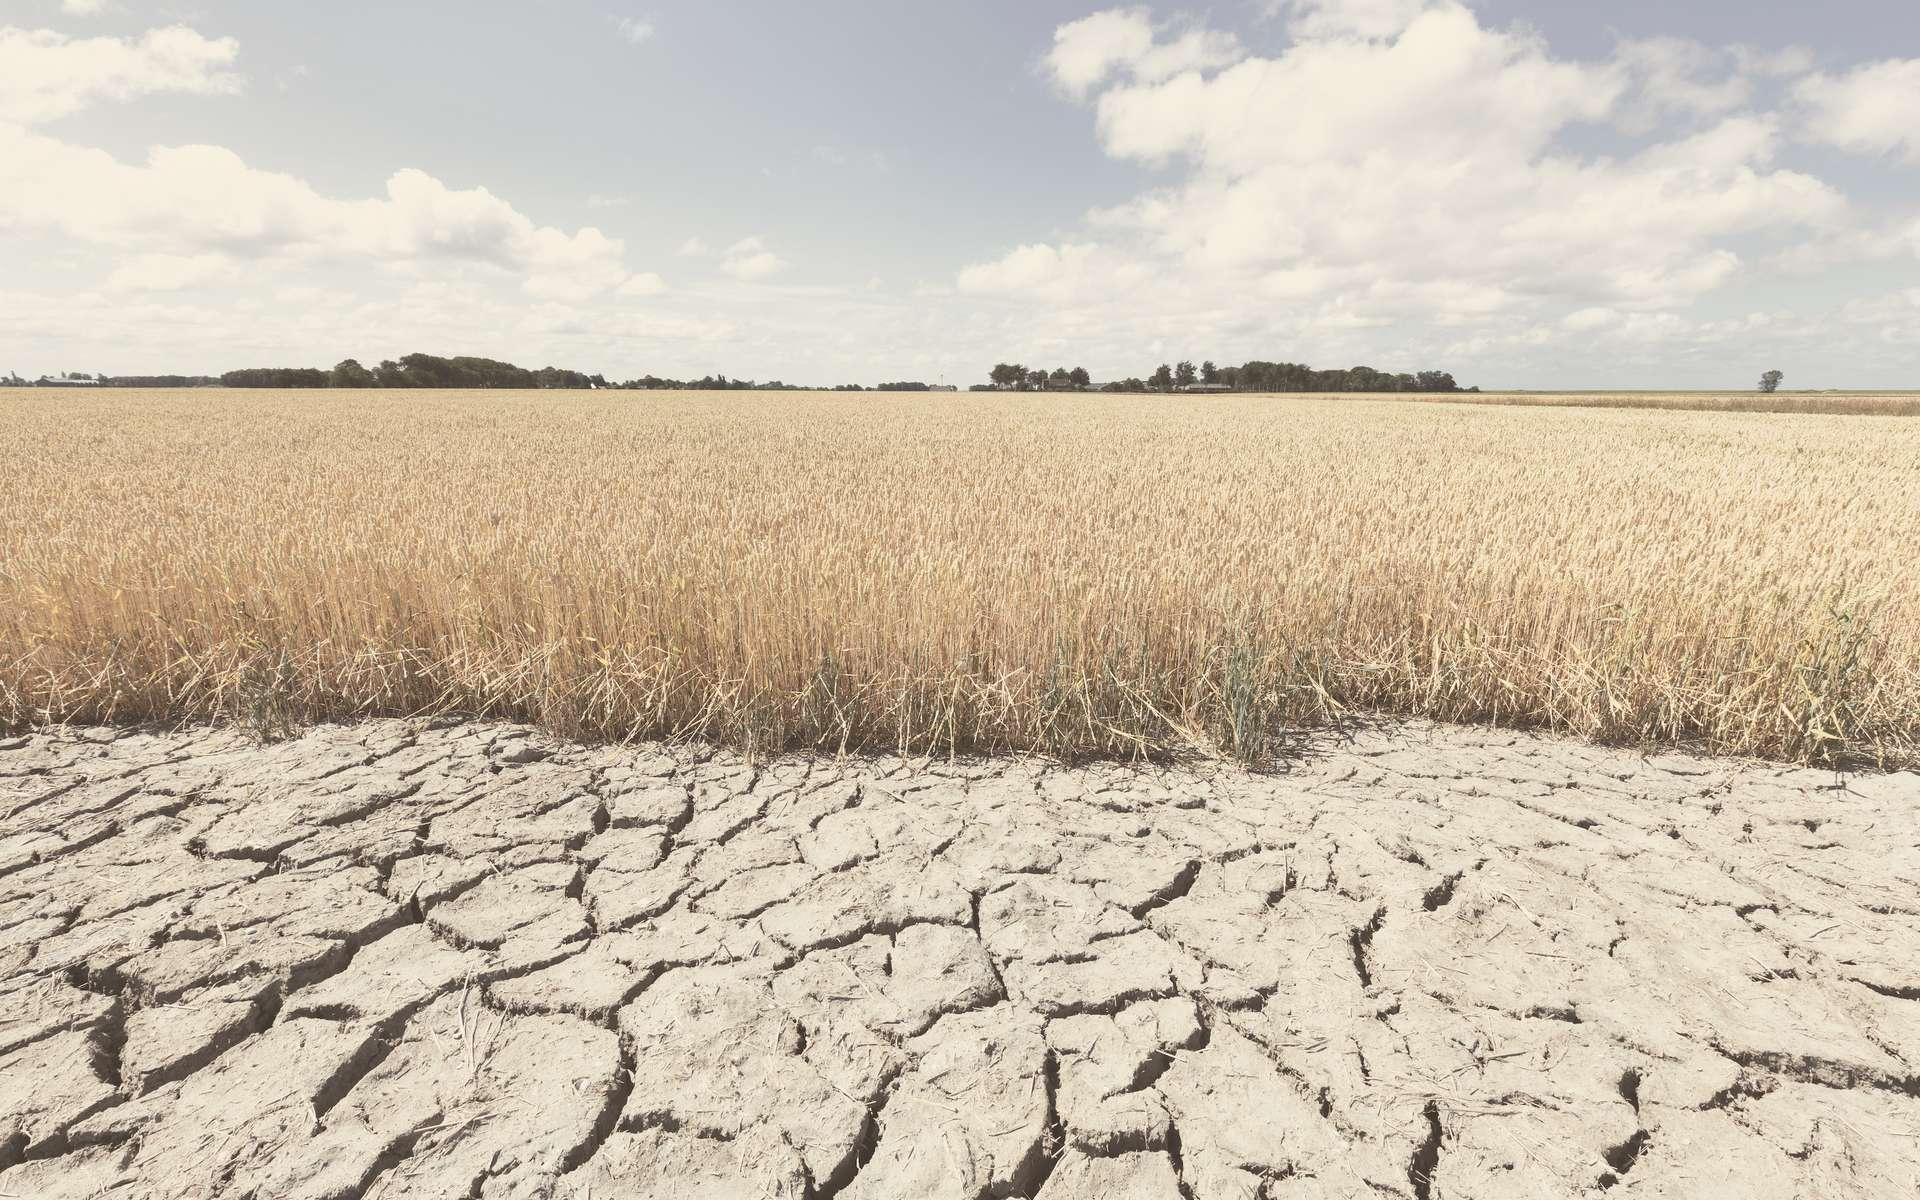 Réchauffement climatique : « c'est déjà pire que ce que j'imaginais »